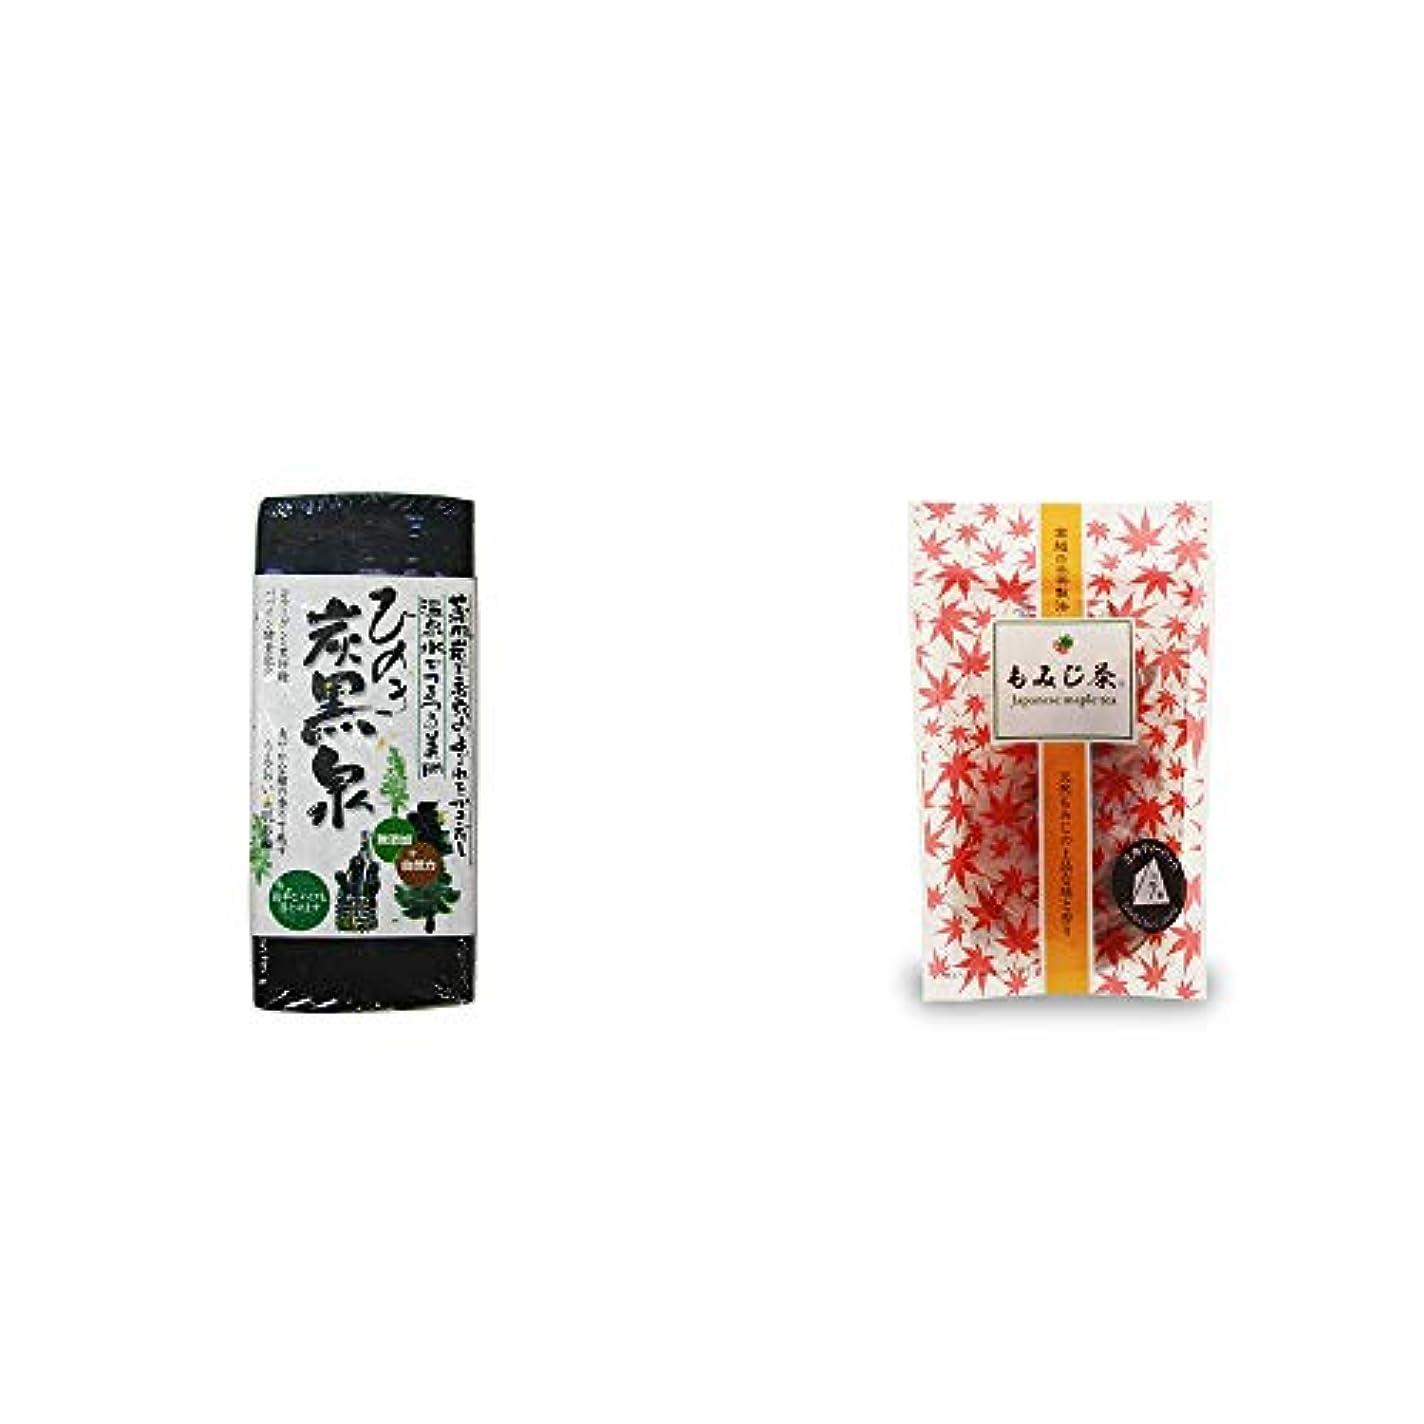 持続的インフレーション冷凍庫[2点セット] ひのき炭黒泉(75g×2)?もみじ茶(7パック入)